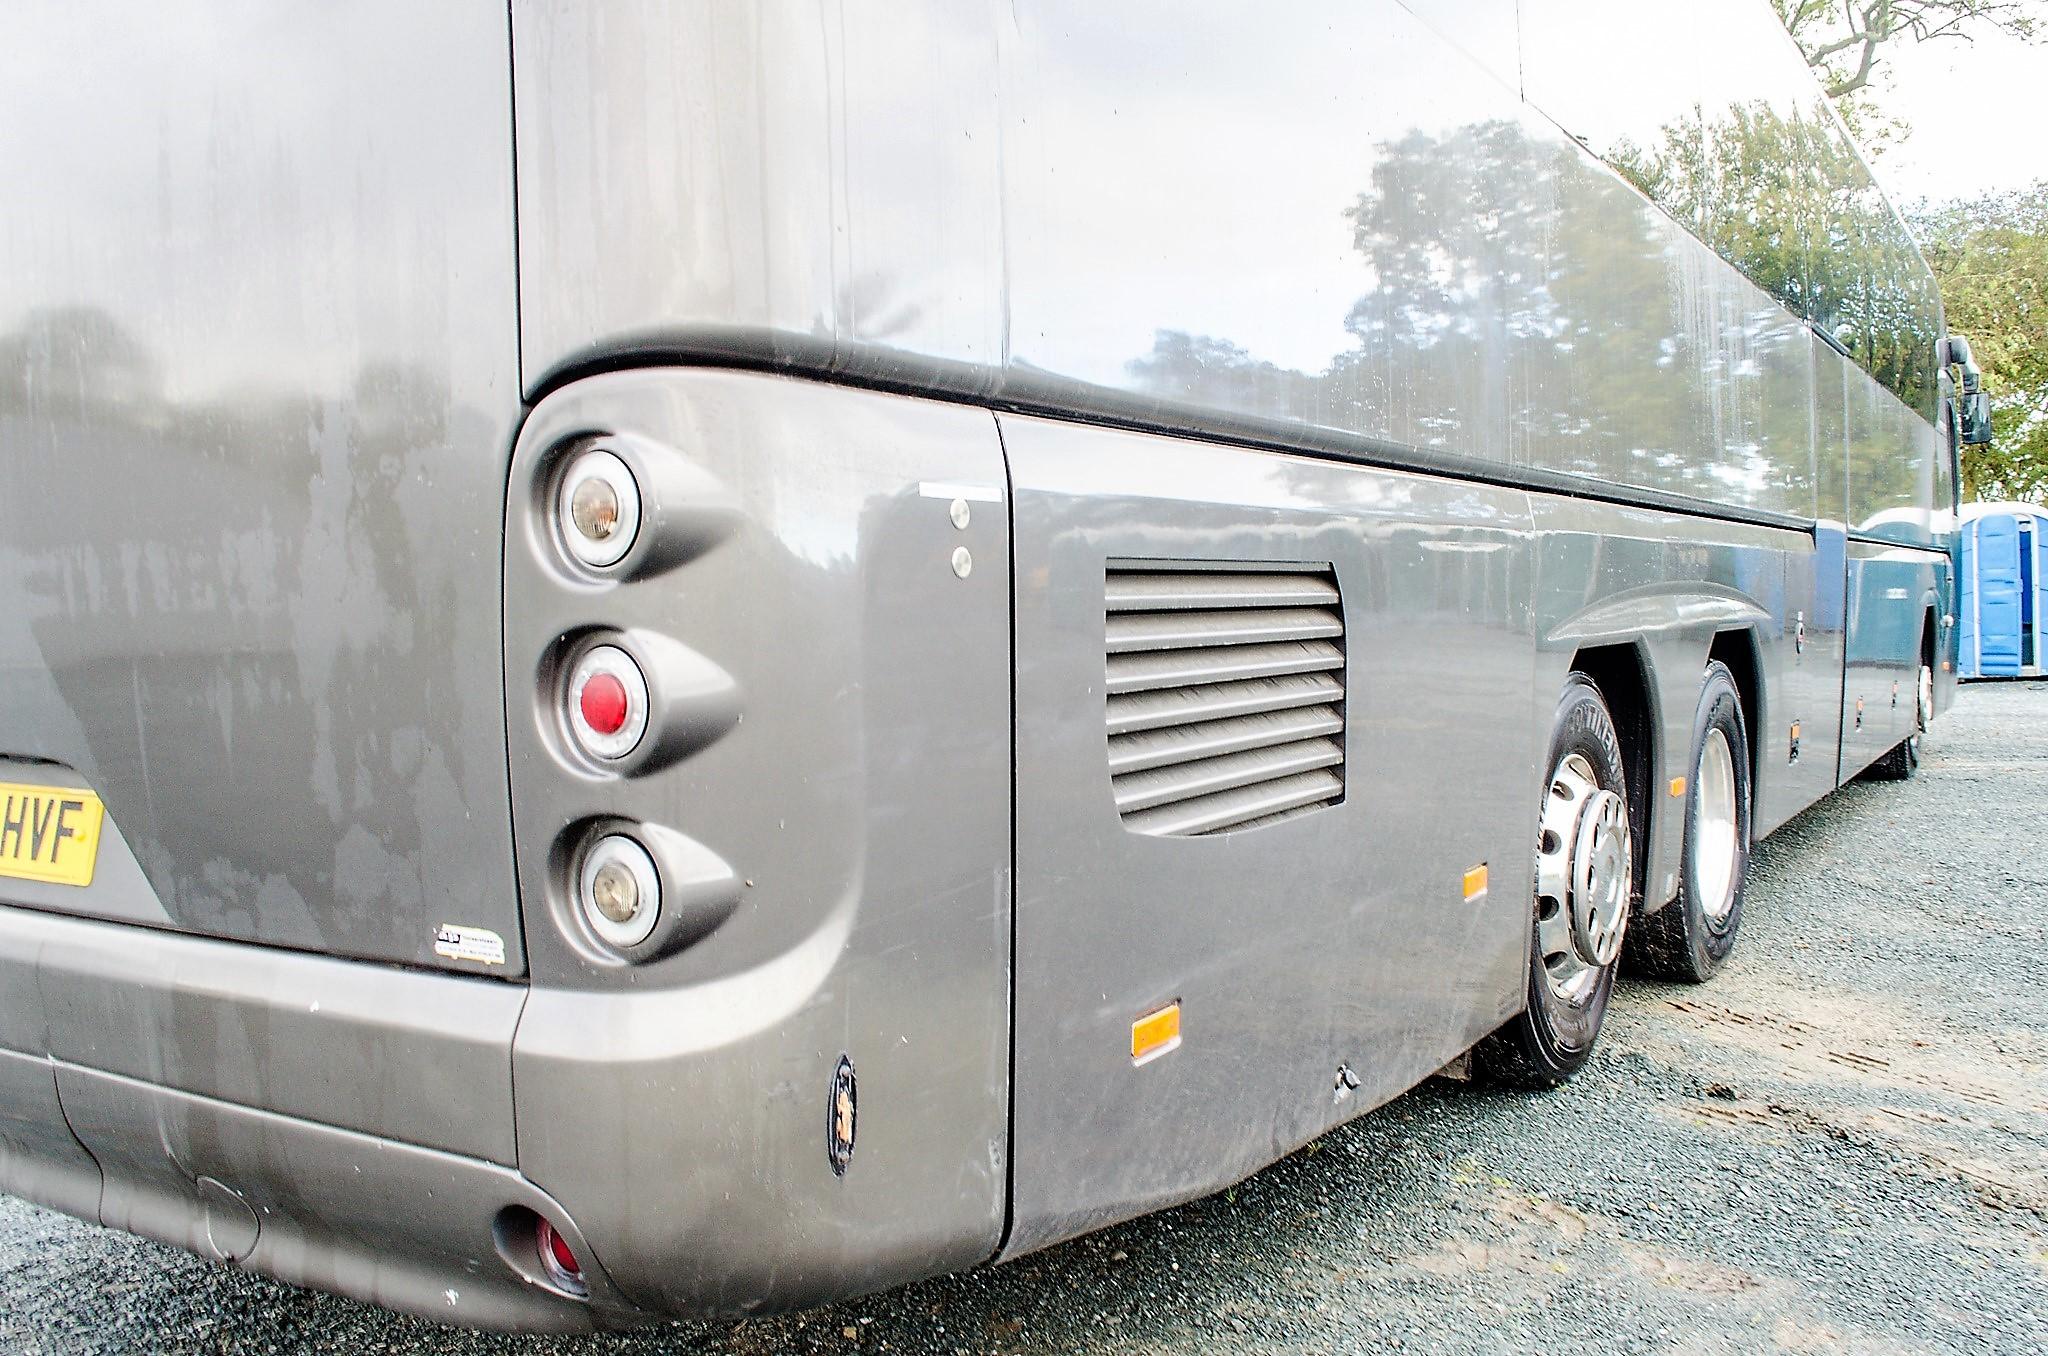 MAN Neoplan Tourliner 53 seat luxury coach Registration Number: MT61 HVF Date of Registration: 01/ - Image 12 of 21